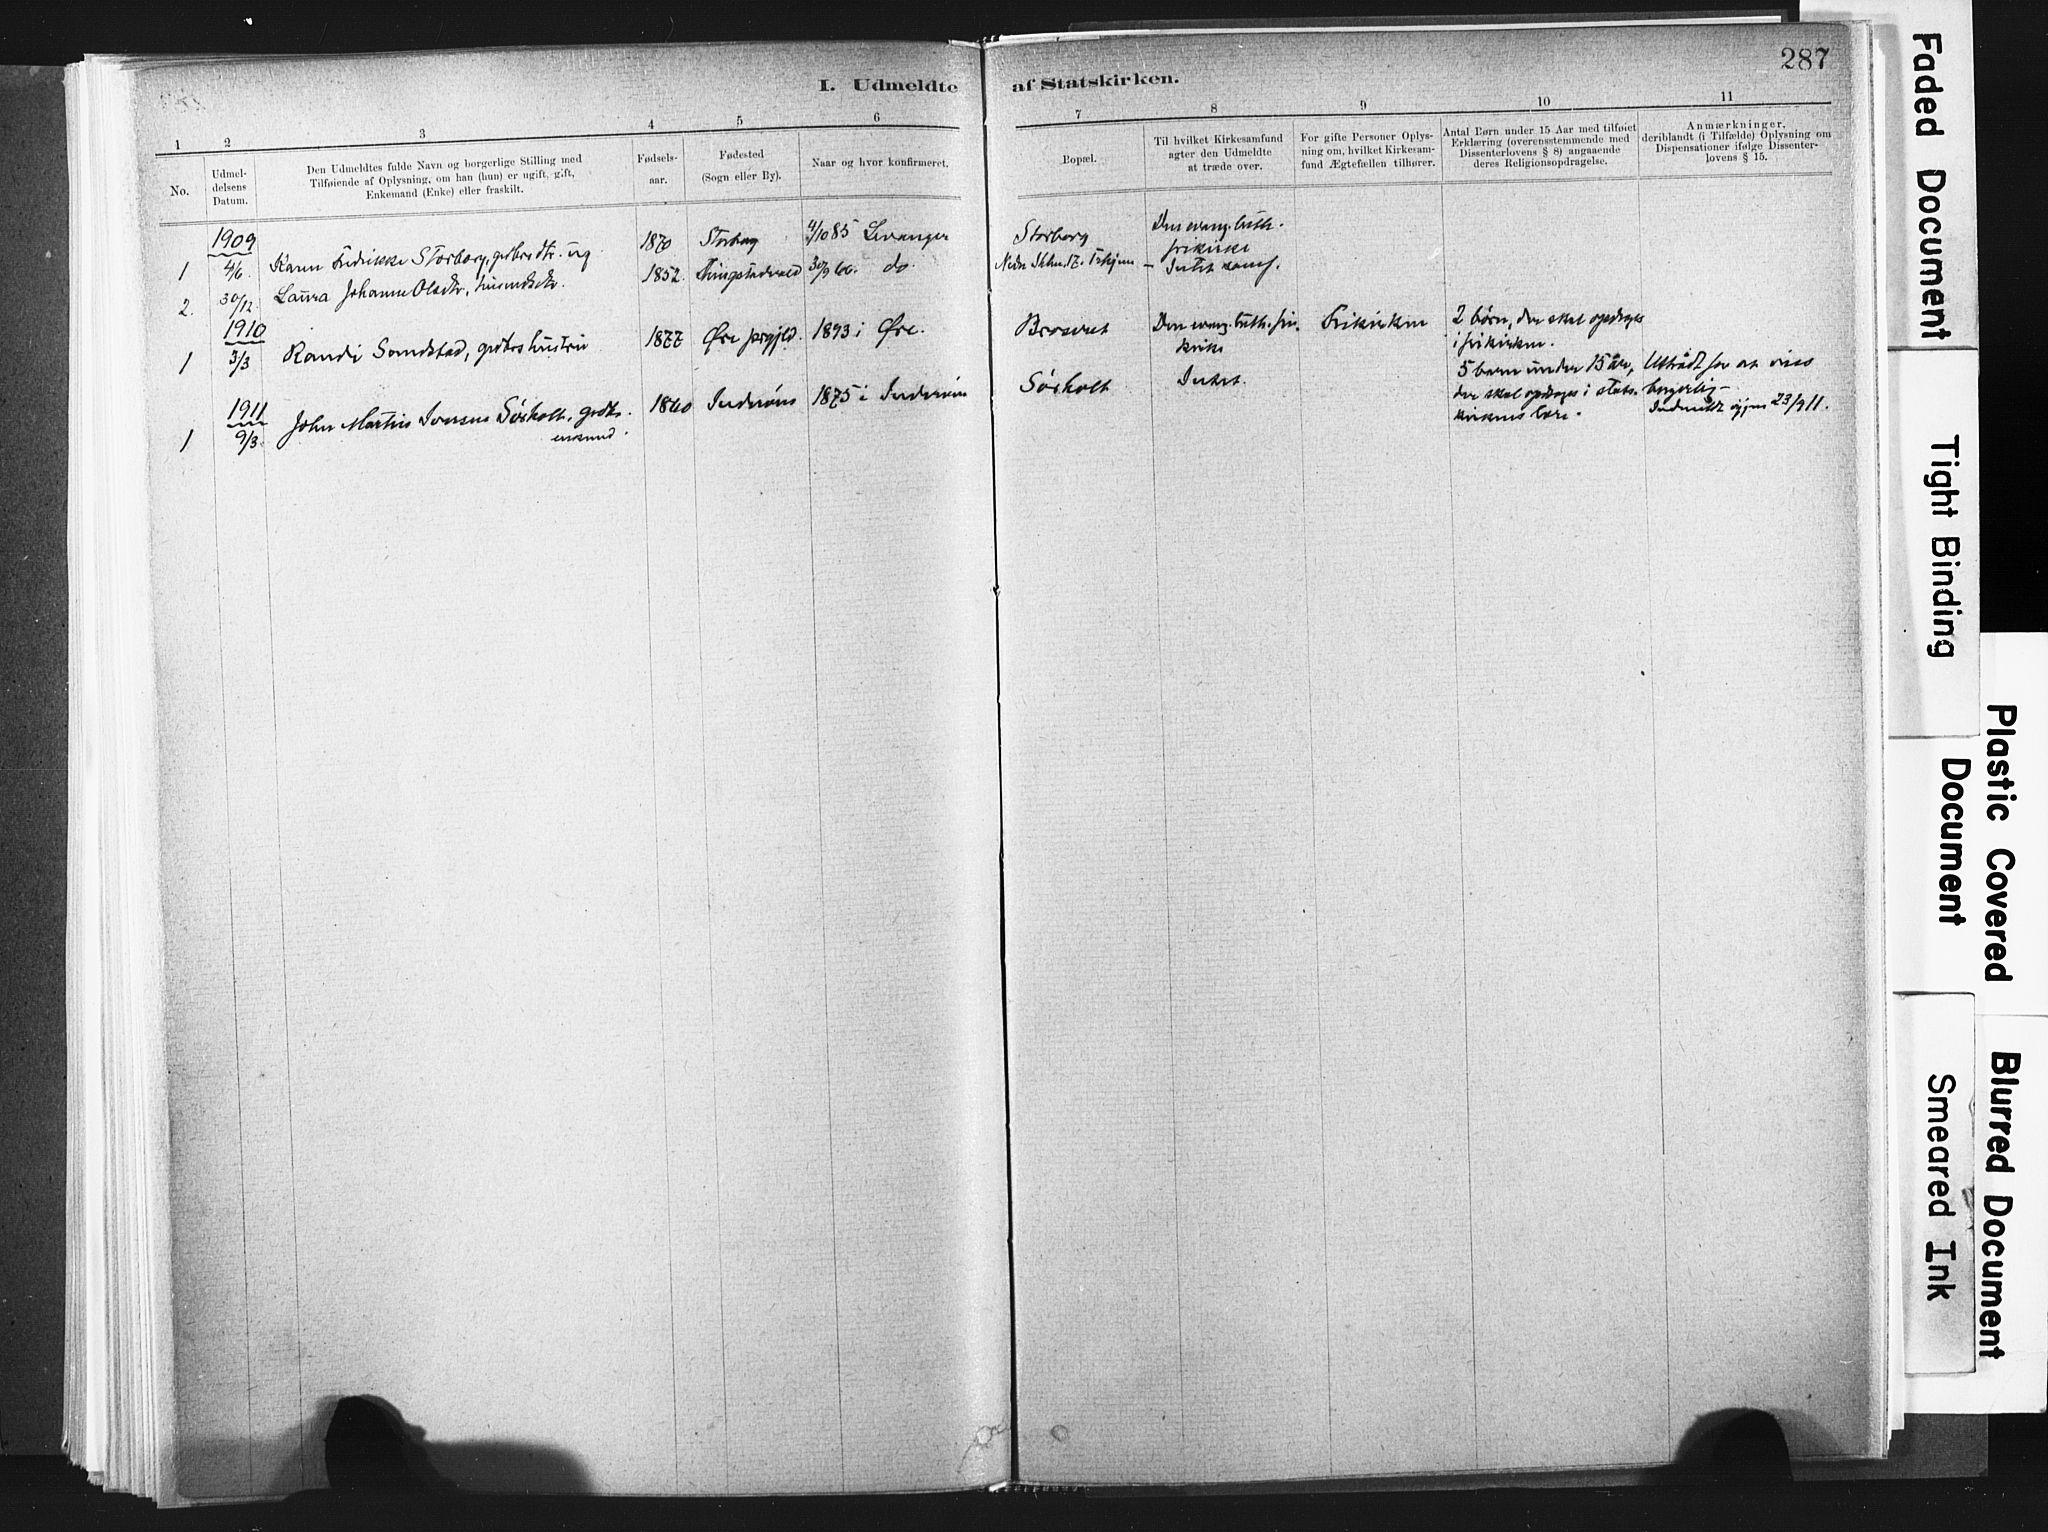 SAT, Ministerialprotokoller, klokkerbøker og fødselsregistre - Nord-Trøndelag, 721/L0207: Ministerialbok nr. 721A02, 1880-1911, s. 287